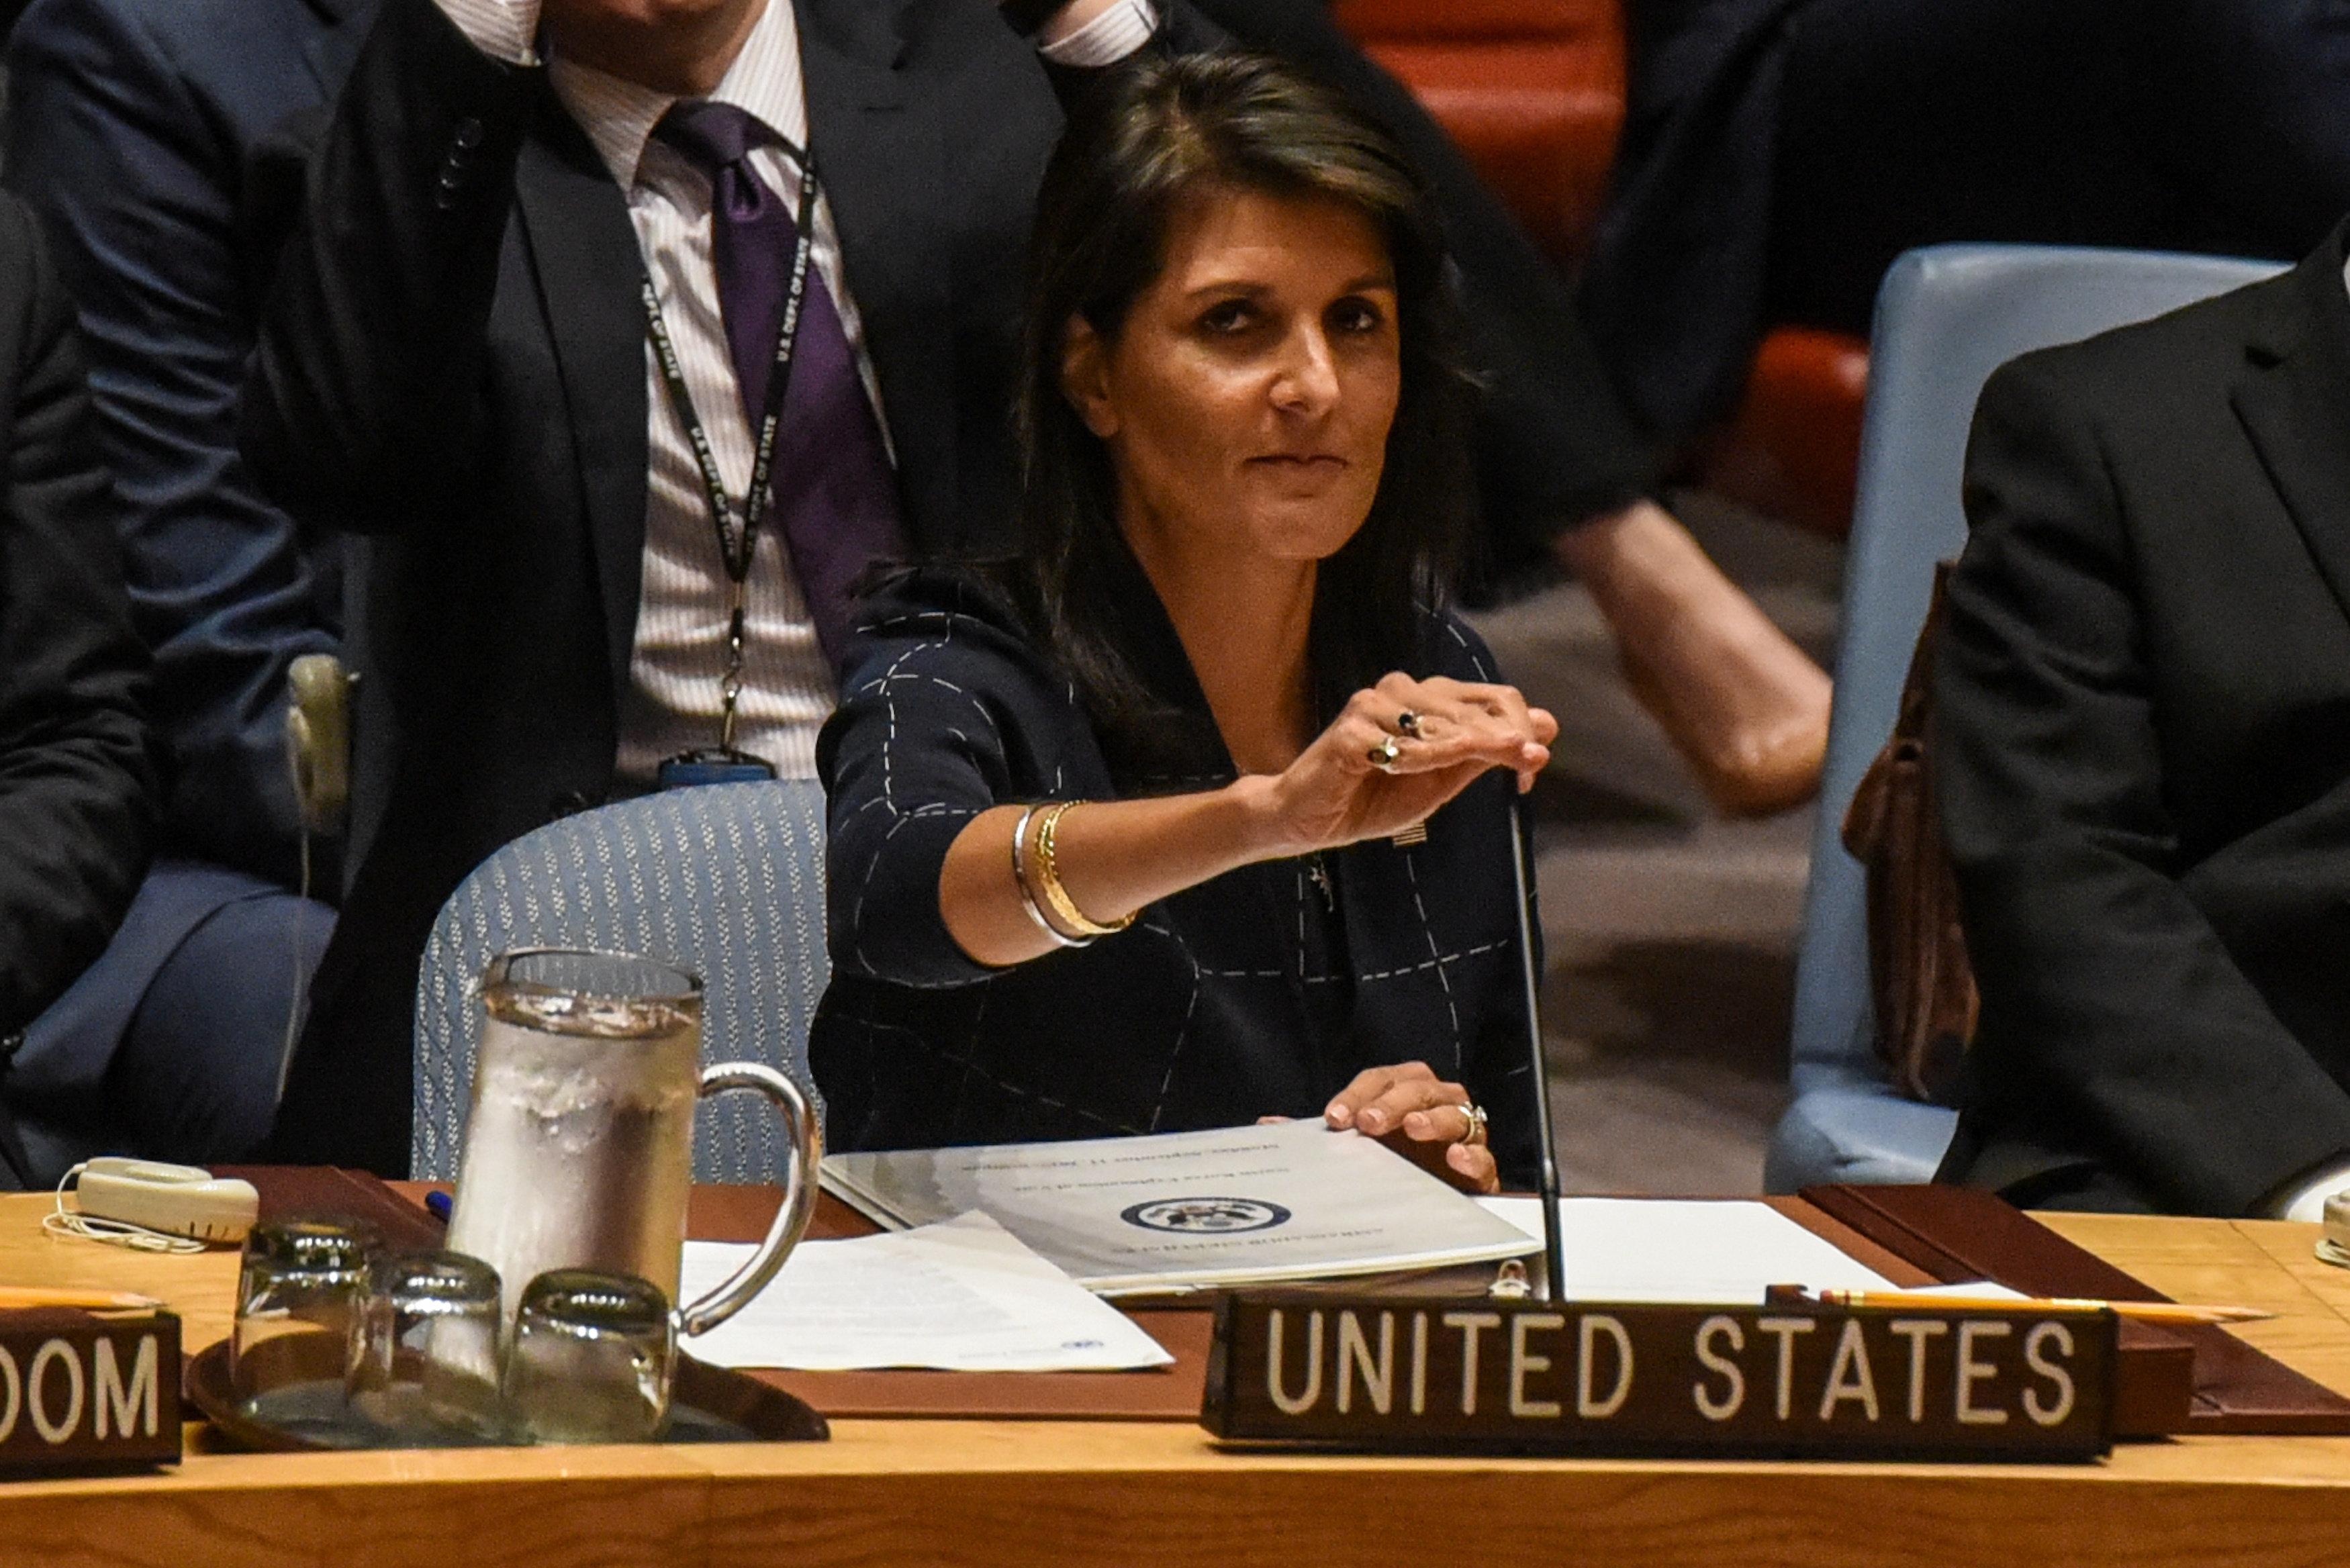 Έκτακτη σύγκληση του Συμβουλίου Ασφαλείας του ΟΗΕ για τις διαδηλώσεις στο Ιράν με αίτημα των